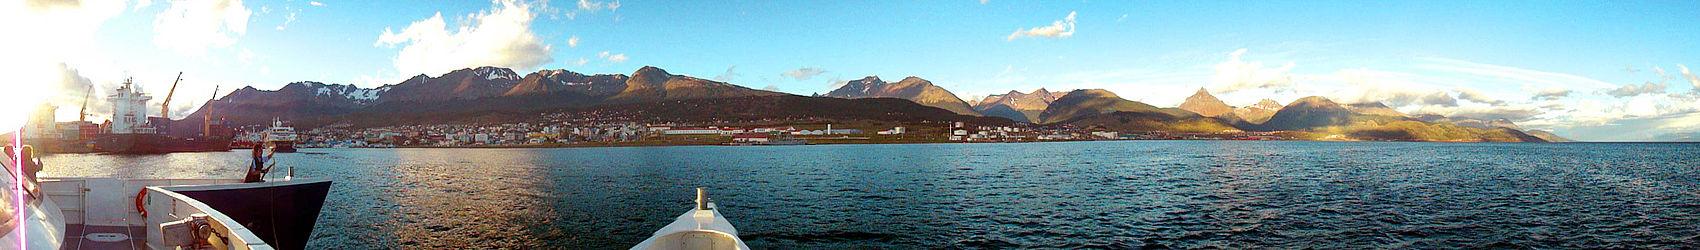 Vista panorâmica de Ushuaia desde o mar.